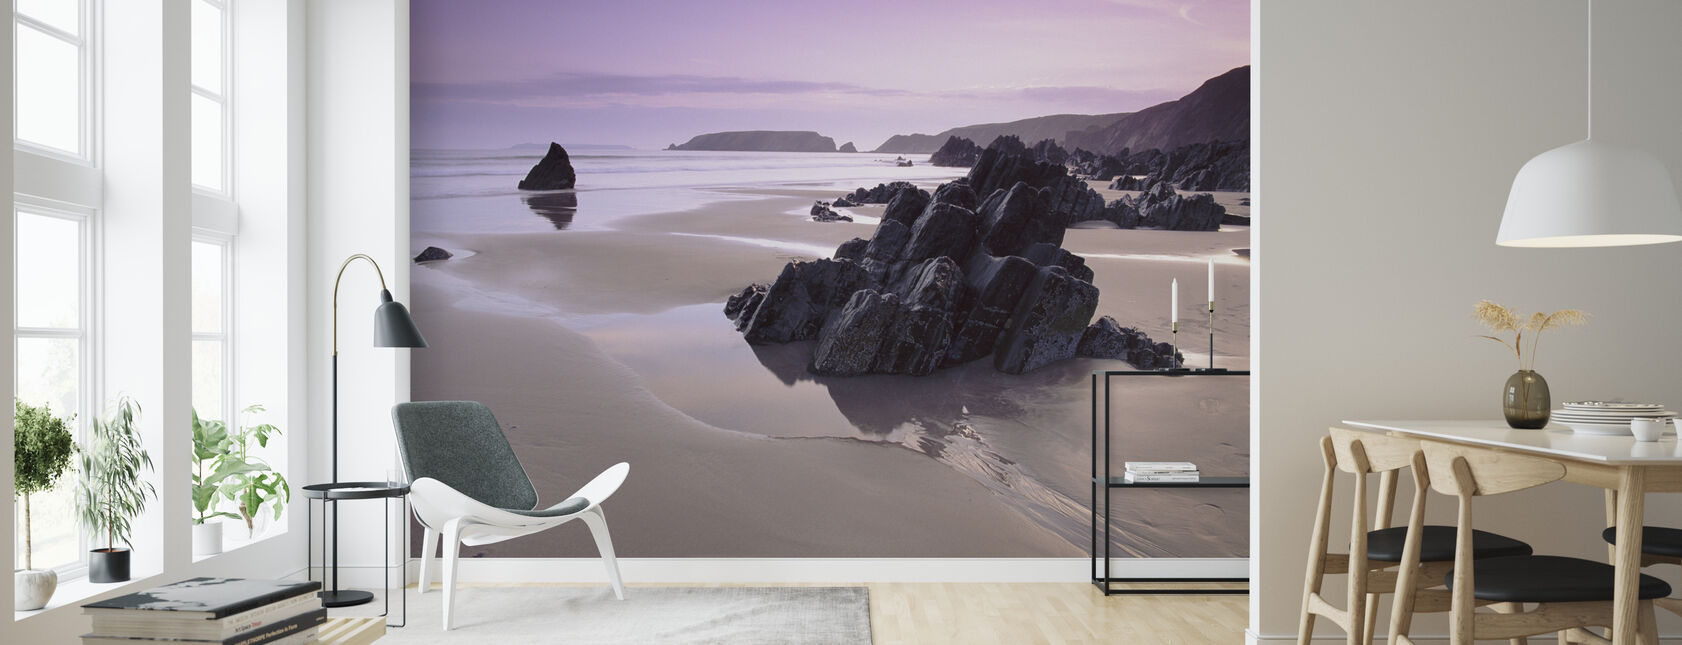 Pembrokeshire - Wallpaper - Living Room